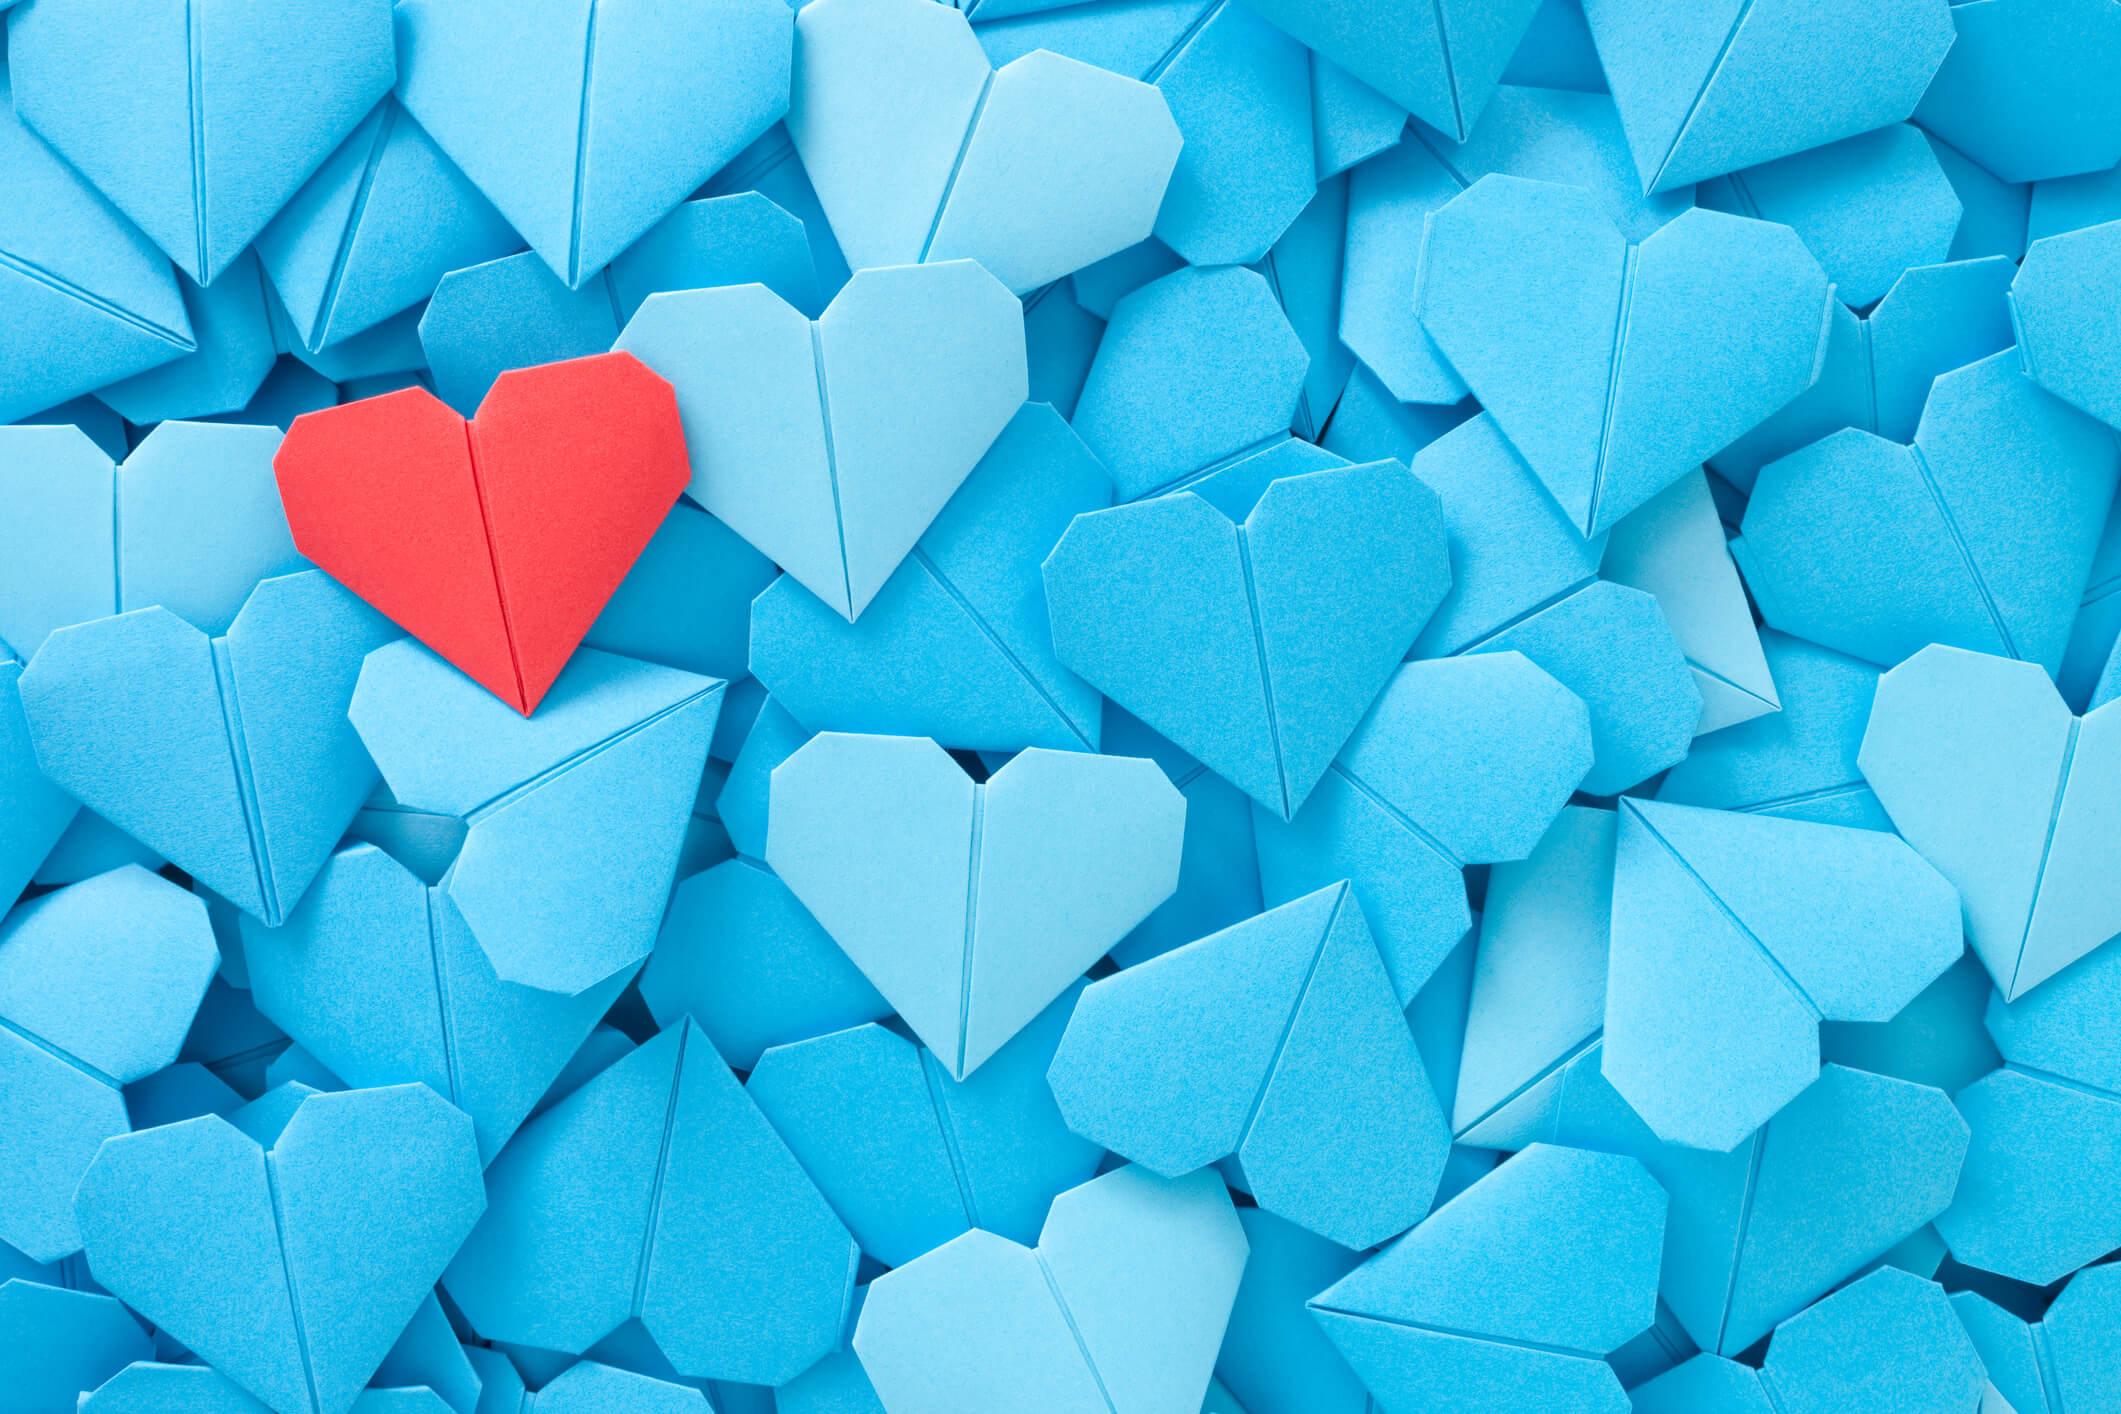 Descubra os benefícios do marketing de relacionamento para seu negócio